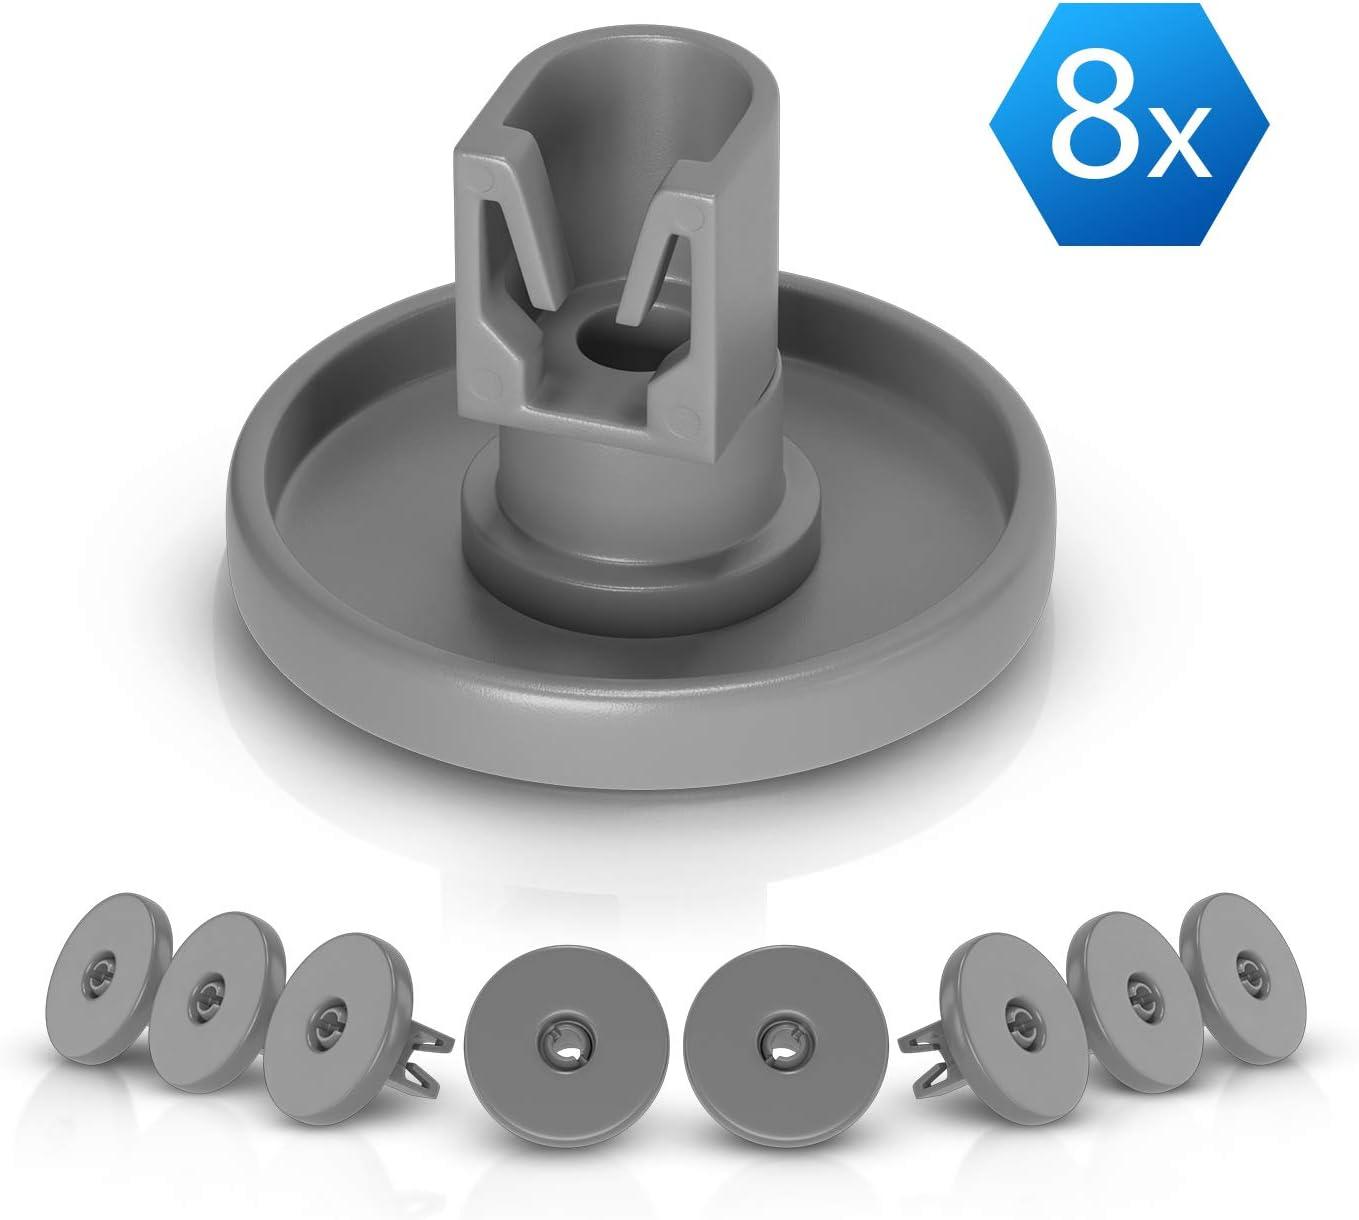 Ruedas para cesta inferior como Electrolux 5028696500/4, 40 mm de diámetro, piezas de repuesto y accesorios, juego de 8 unidades para cesta inferior lavavajillas